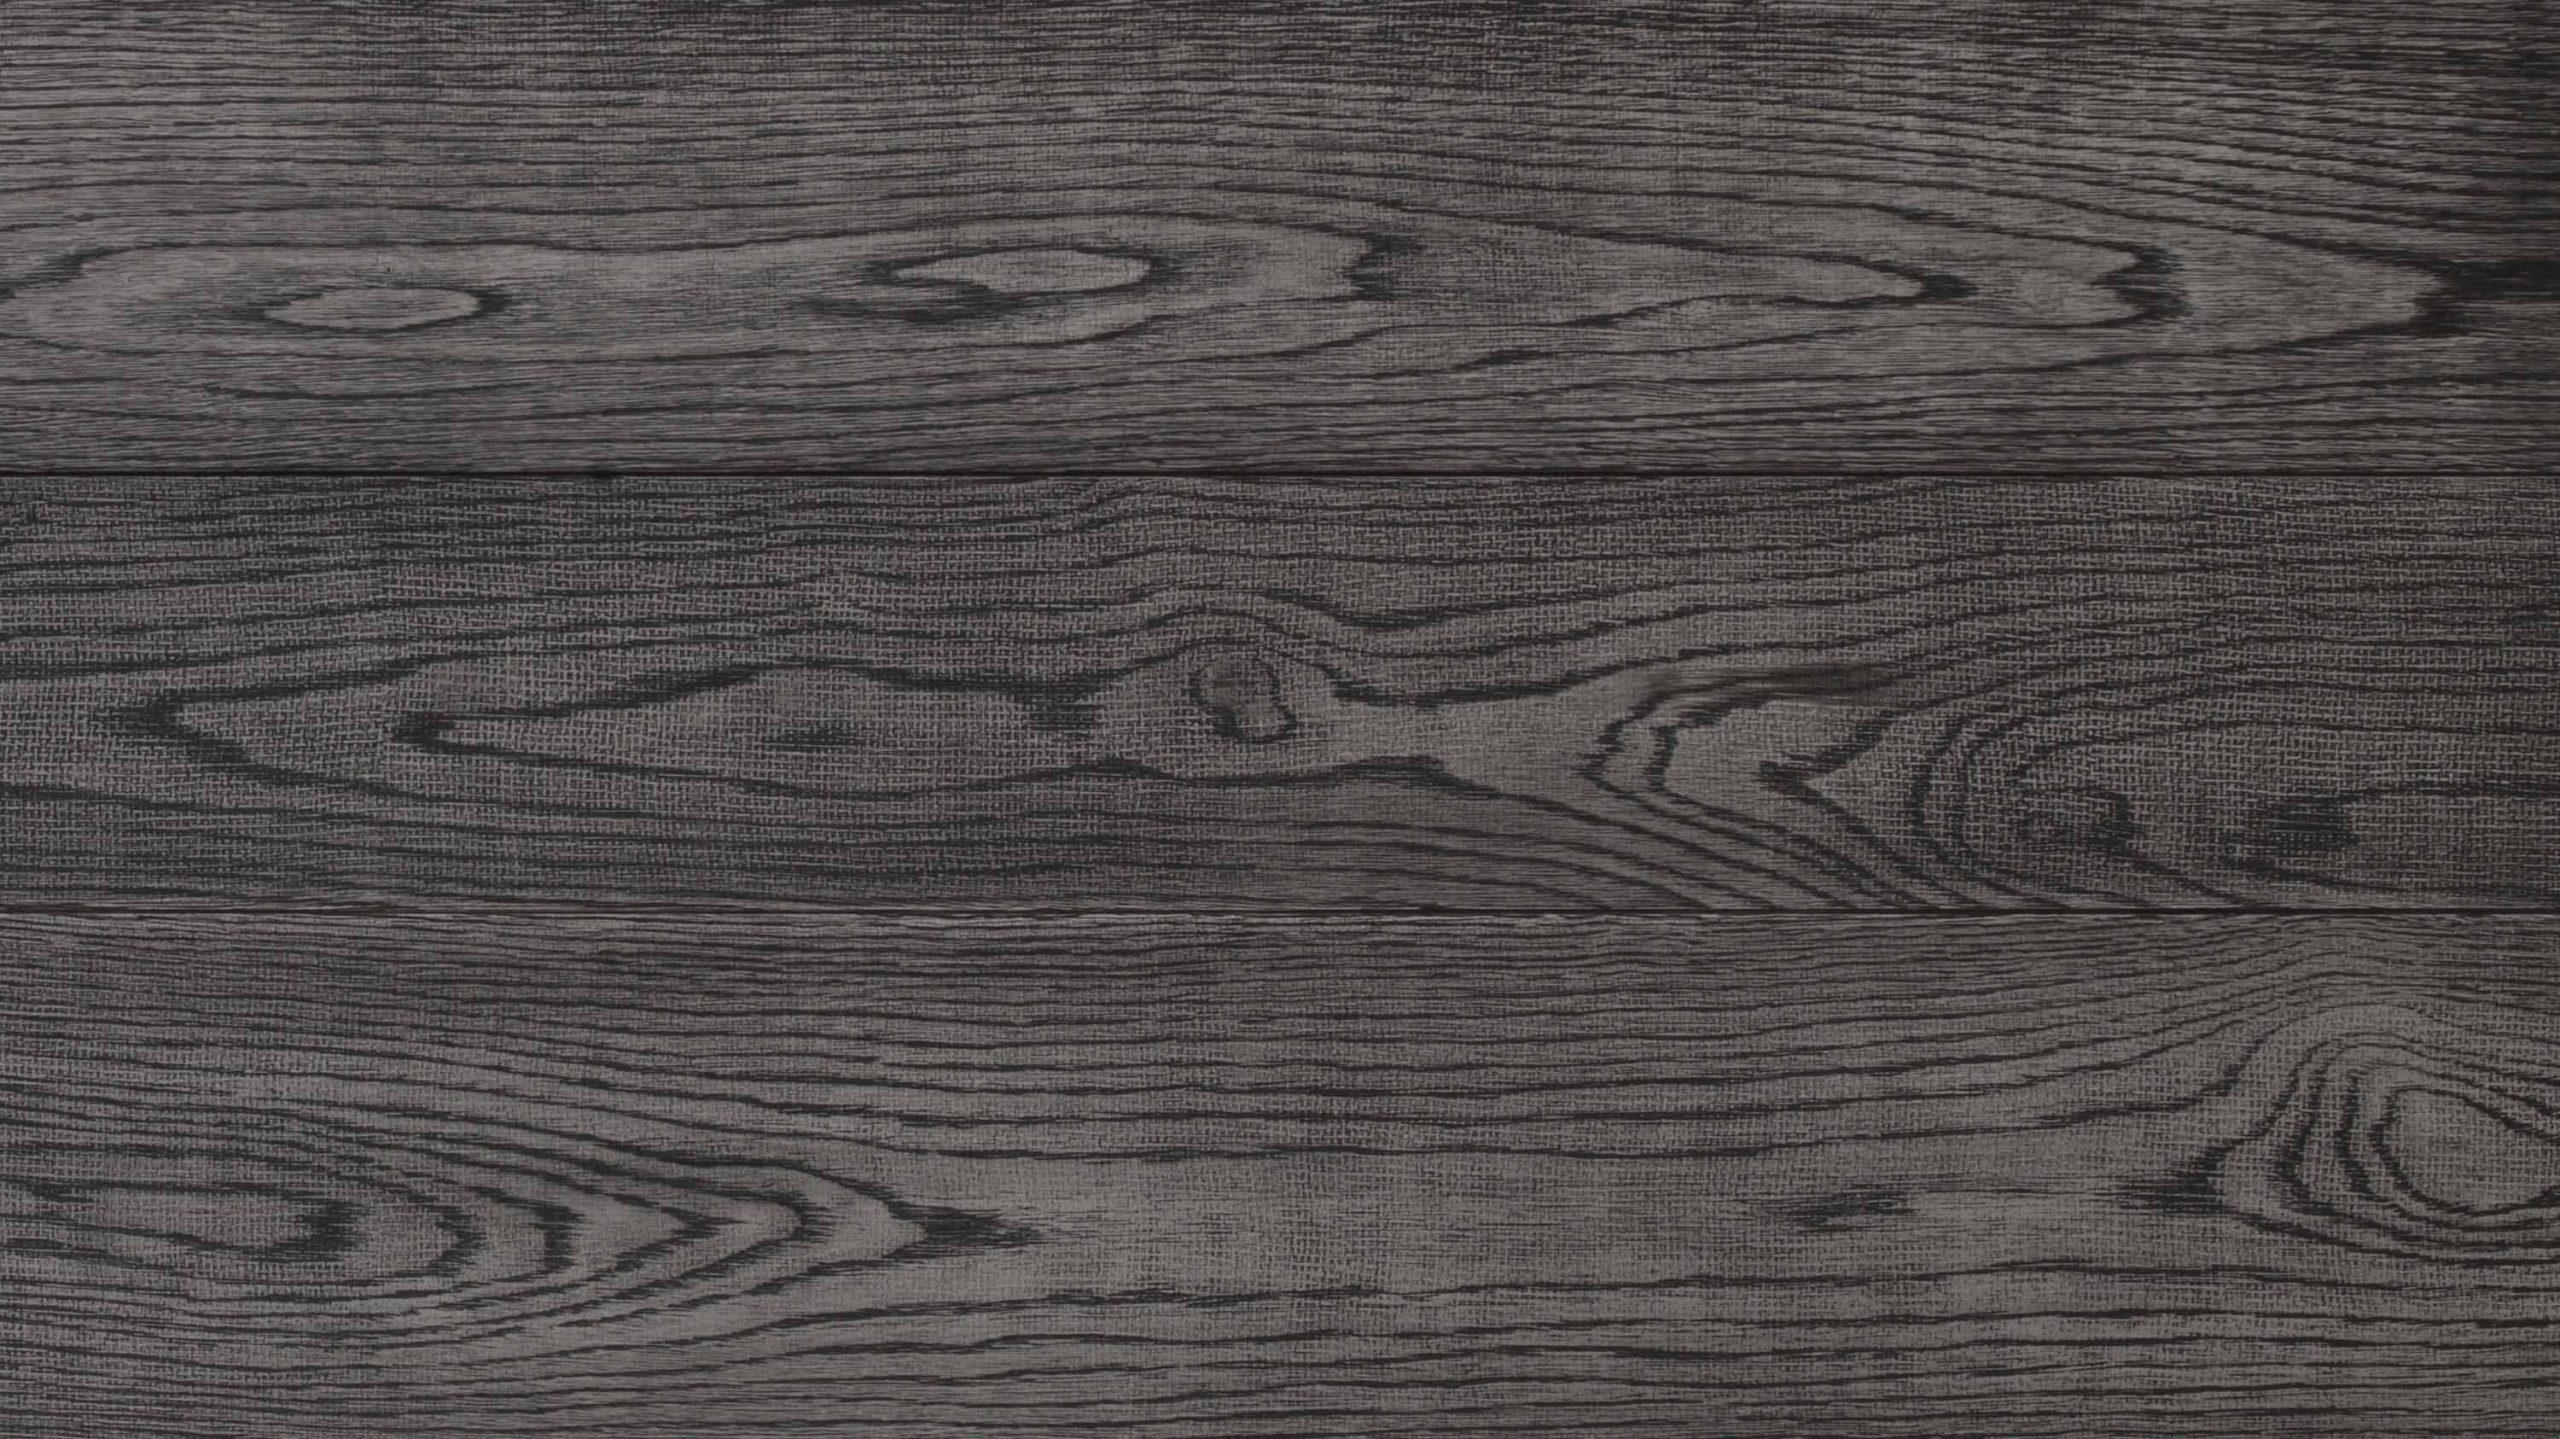 legni grigi